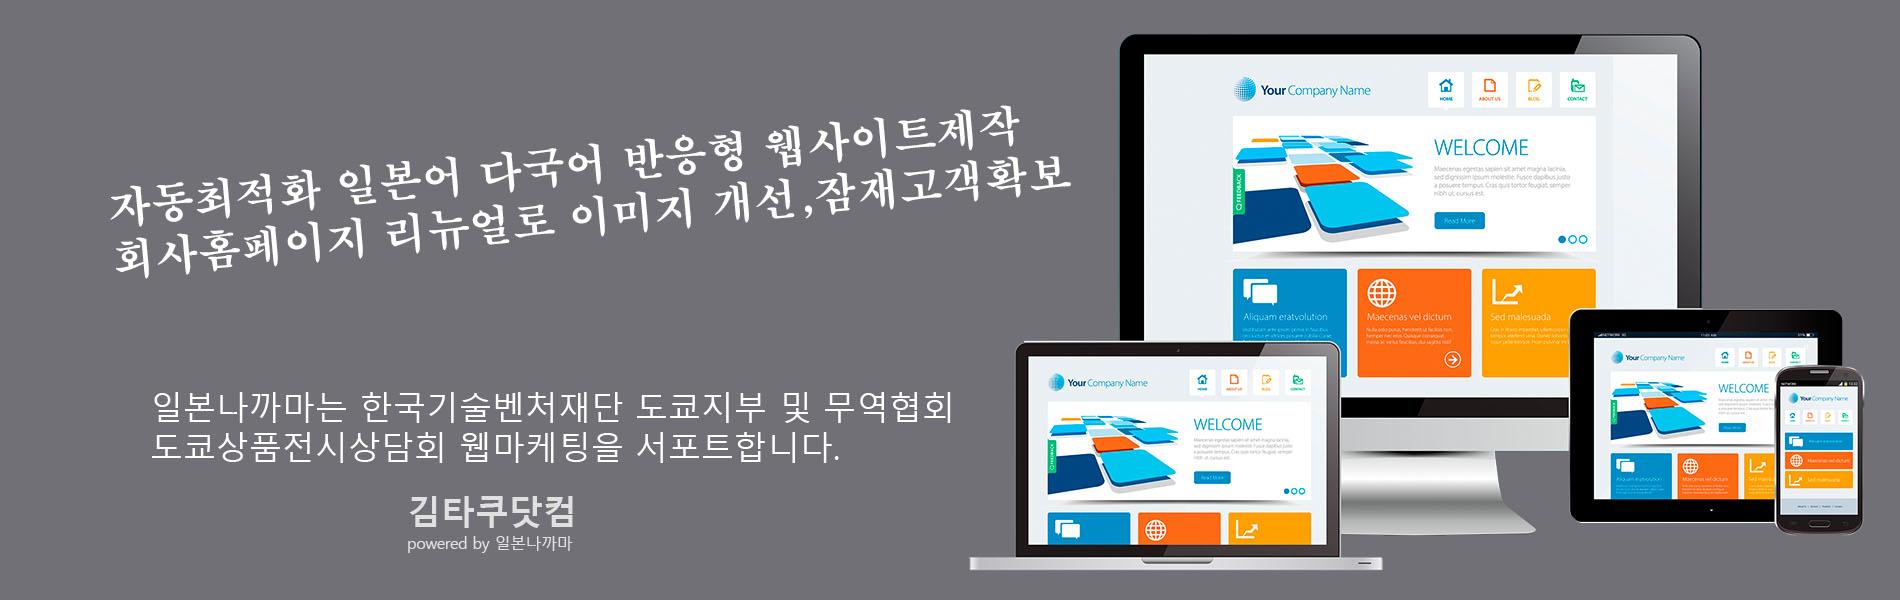 기업 홈페이지제작